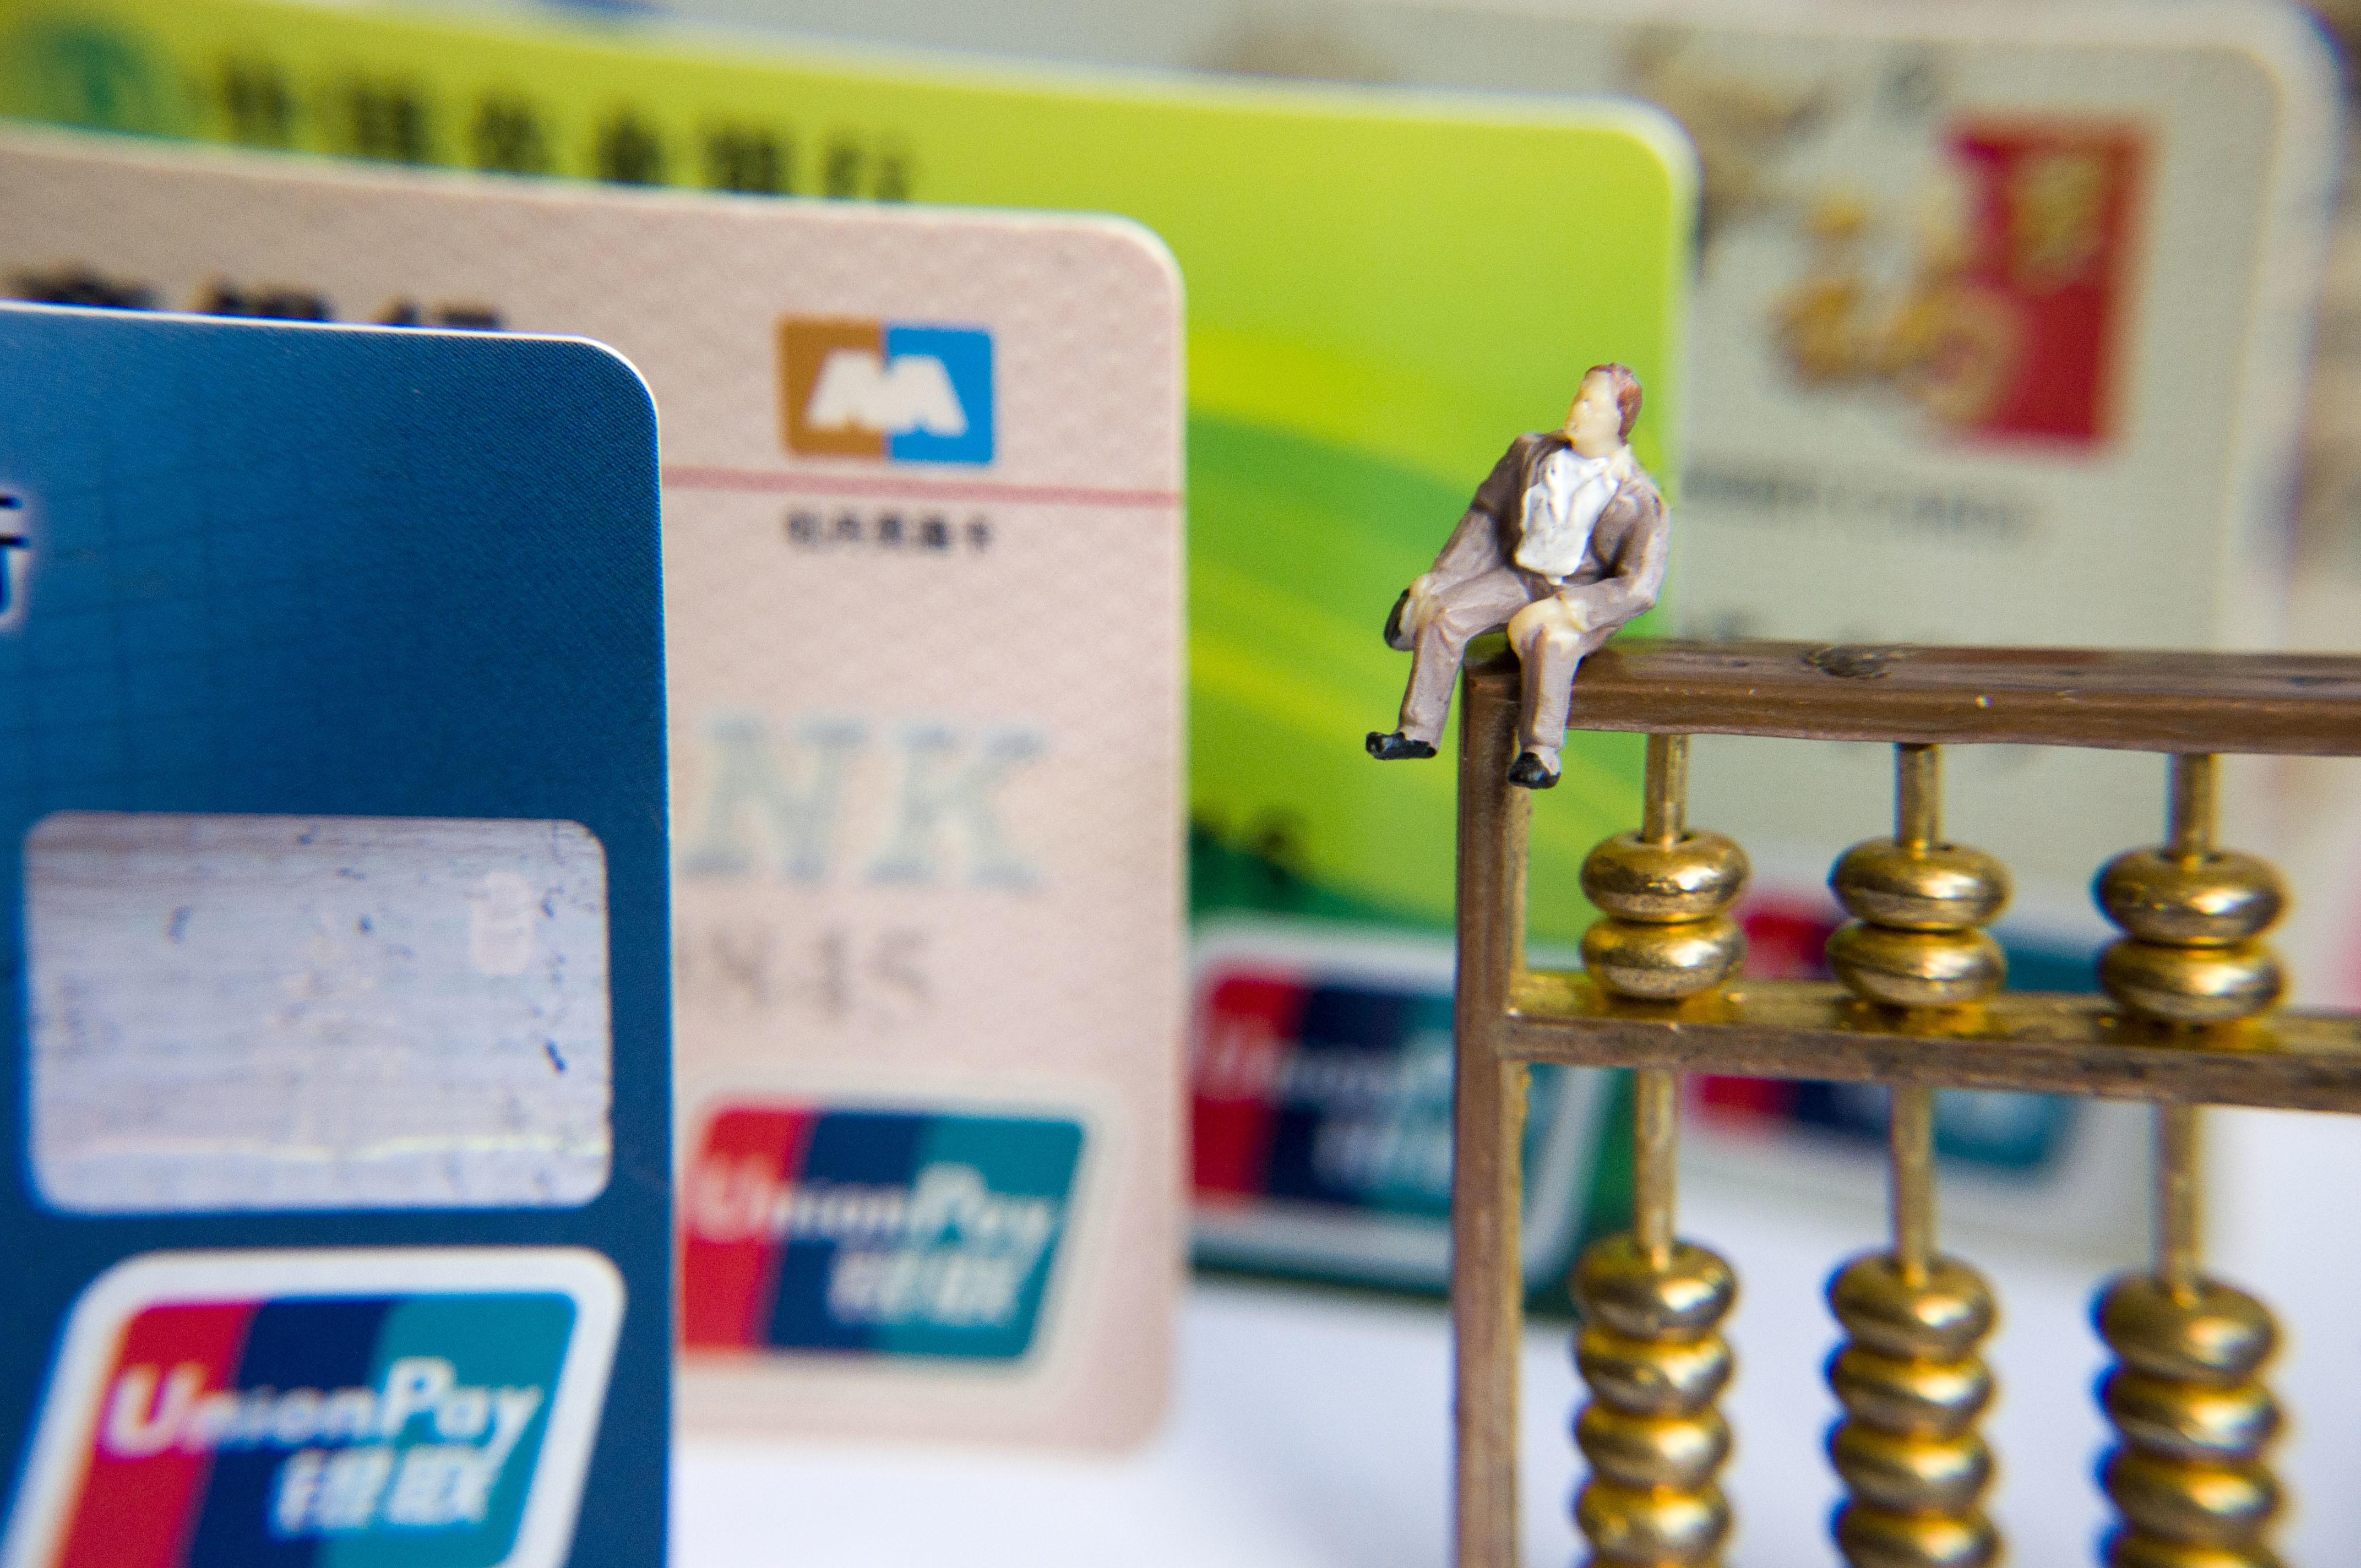 2019年不怕额度不够用了,10家主流银行的信用卡提额揭秘大全!